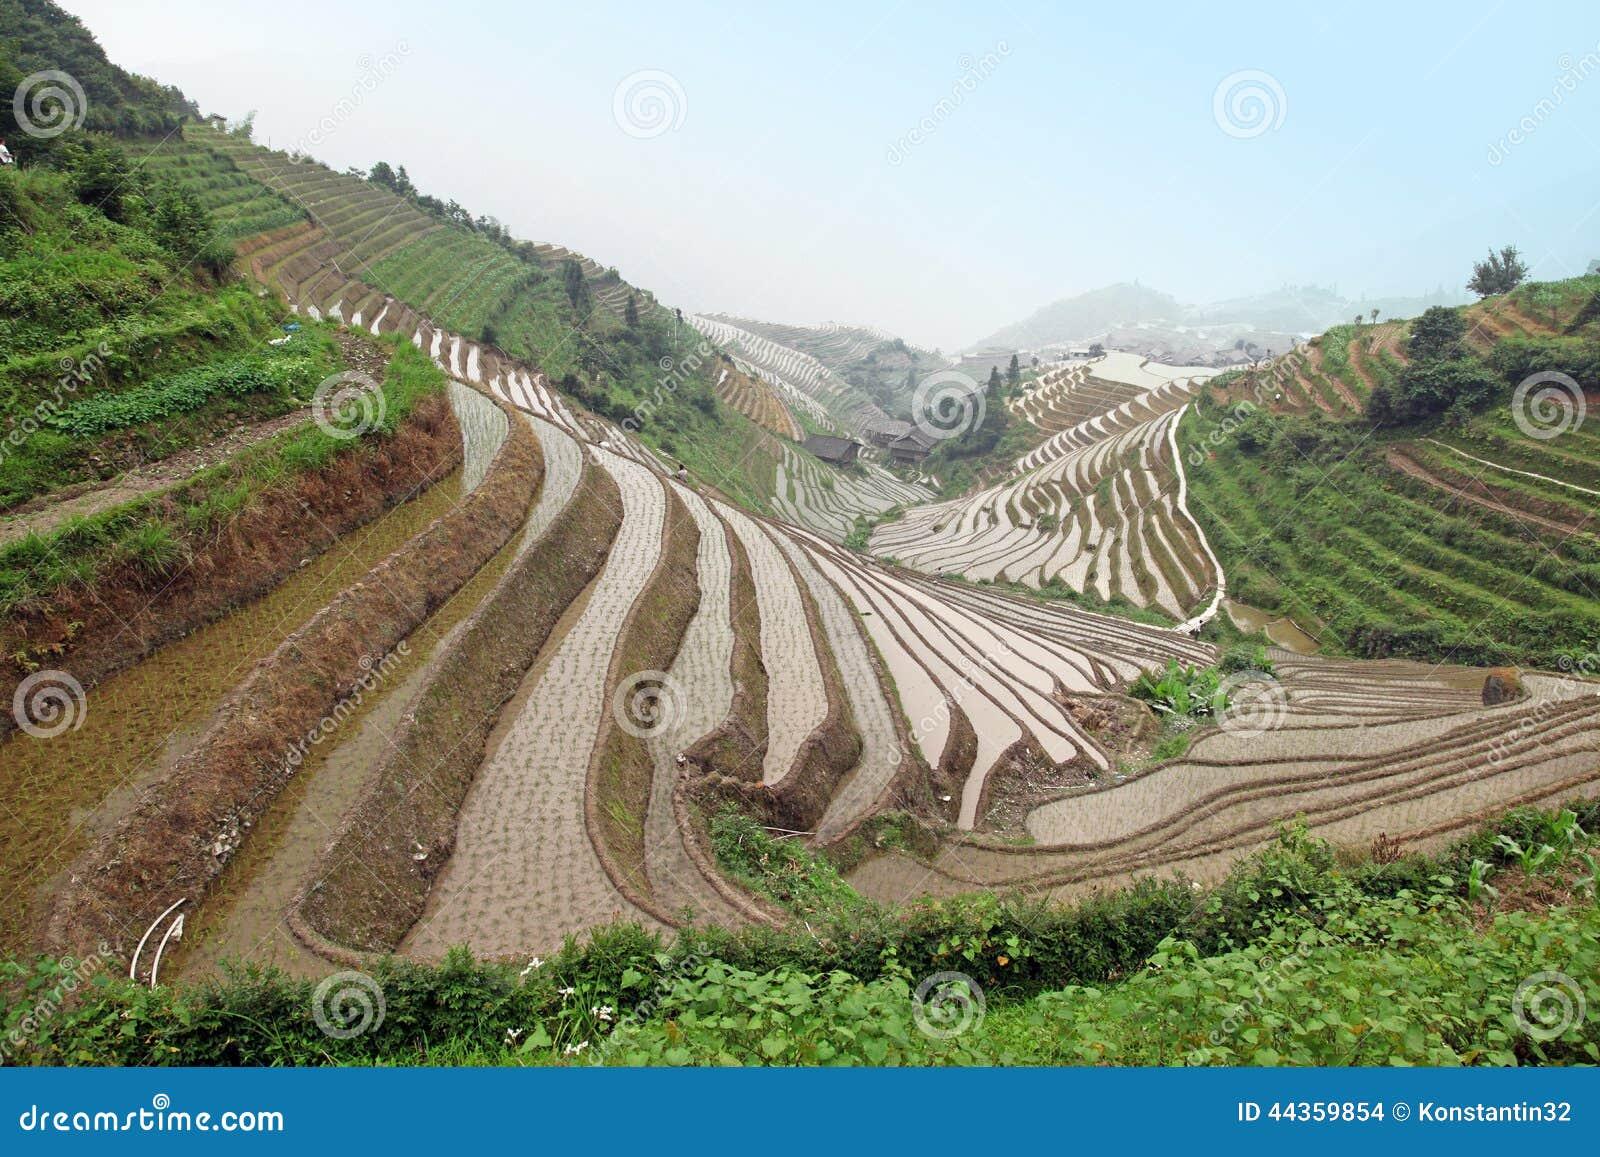 Terrazzi del riso di Longji, provincia di Guangxi